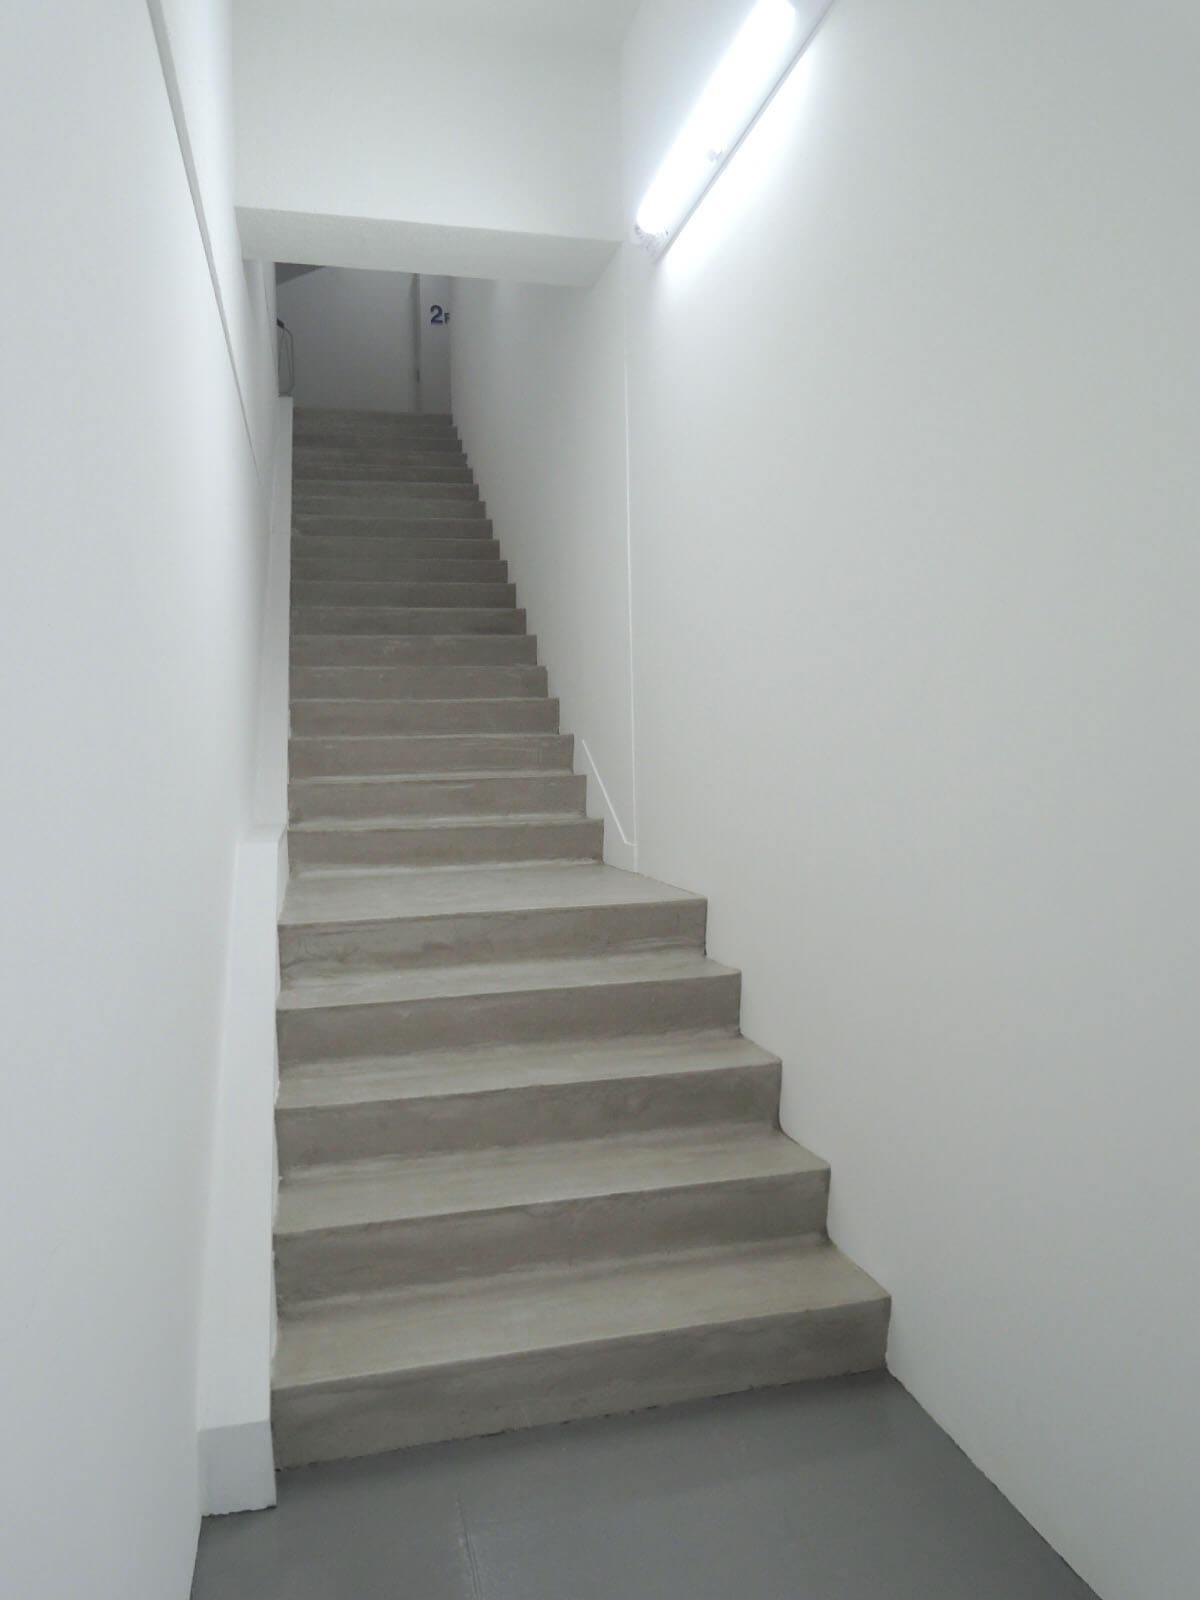 2階までこの階段を上りきって